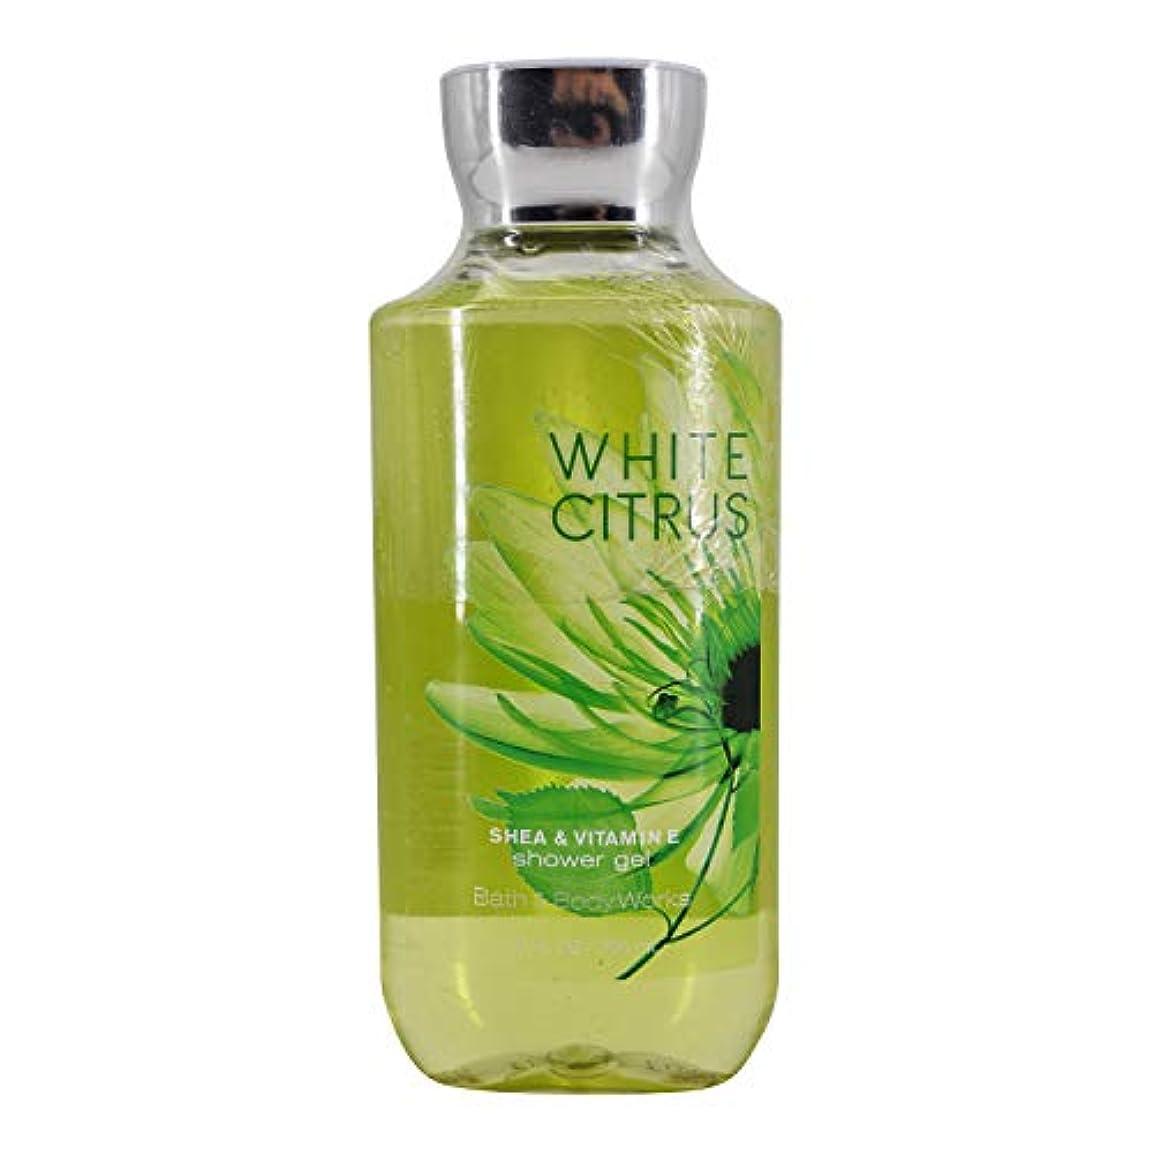 セッション結紮後悔【Bath&Body Works/バス&ボディワークス】 シャワージェル ホワイトシトラス Shower Gel White Citrus 10 fl oz / 295 mL [並行輸入品]